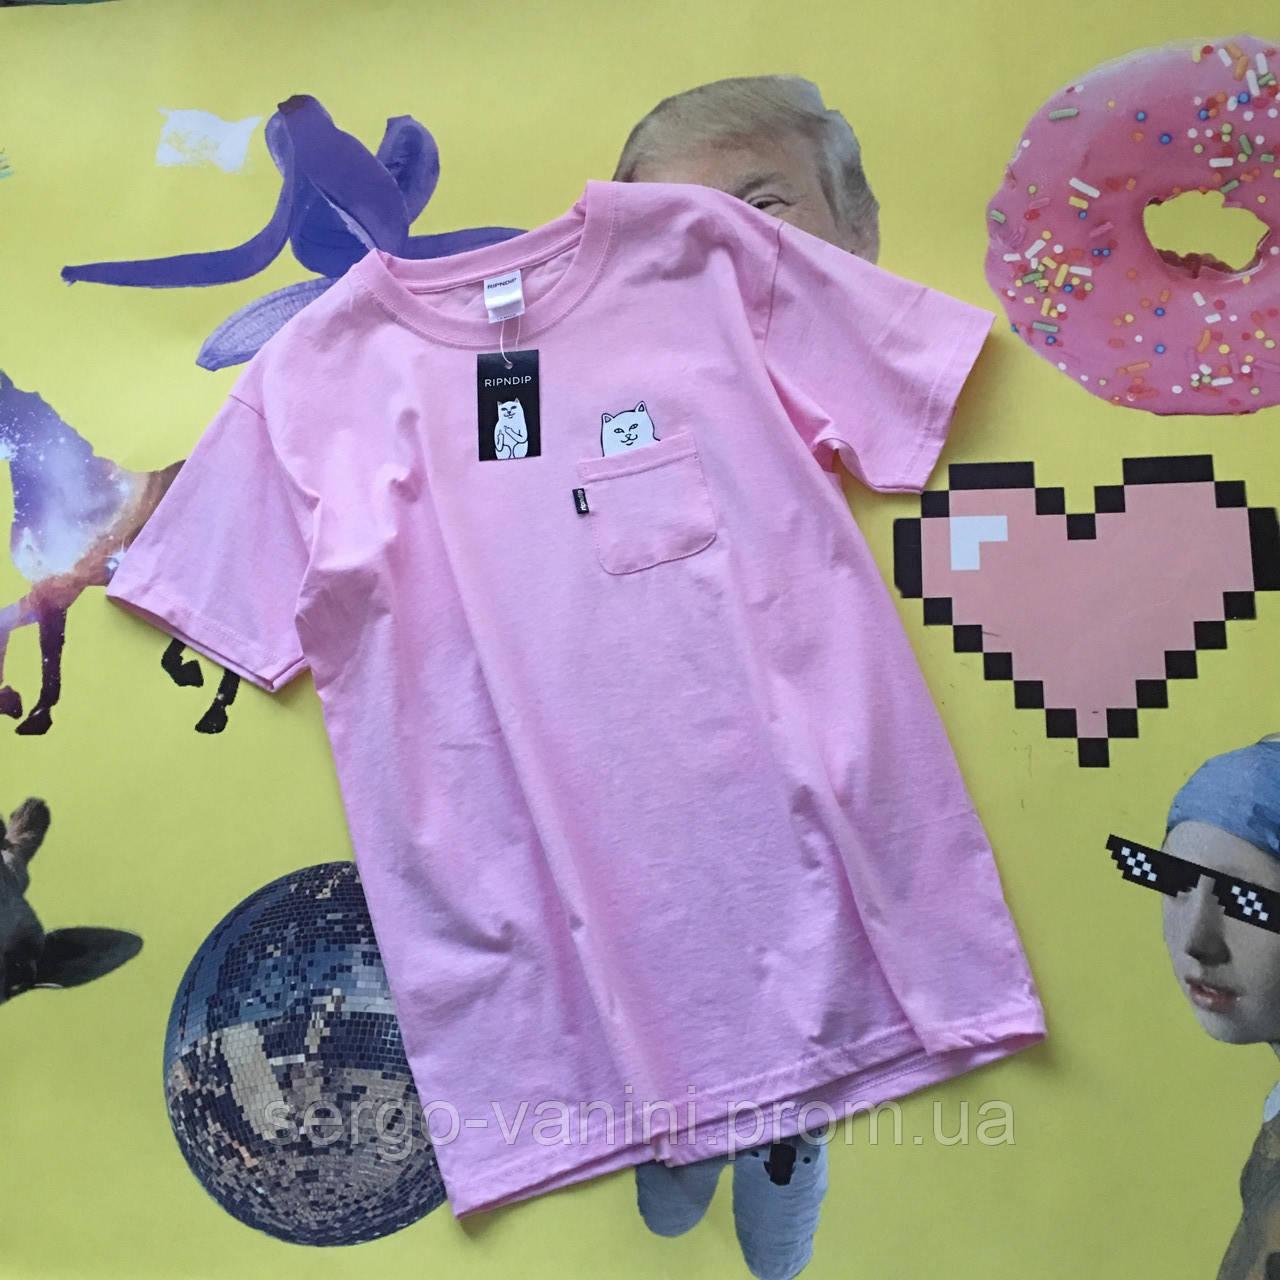 Футболка RipNDip розовая с карманчиком • Топовая реплика